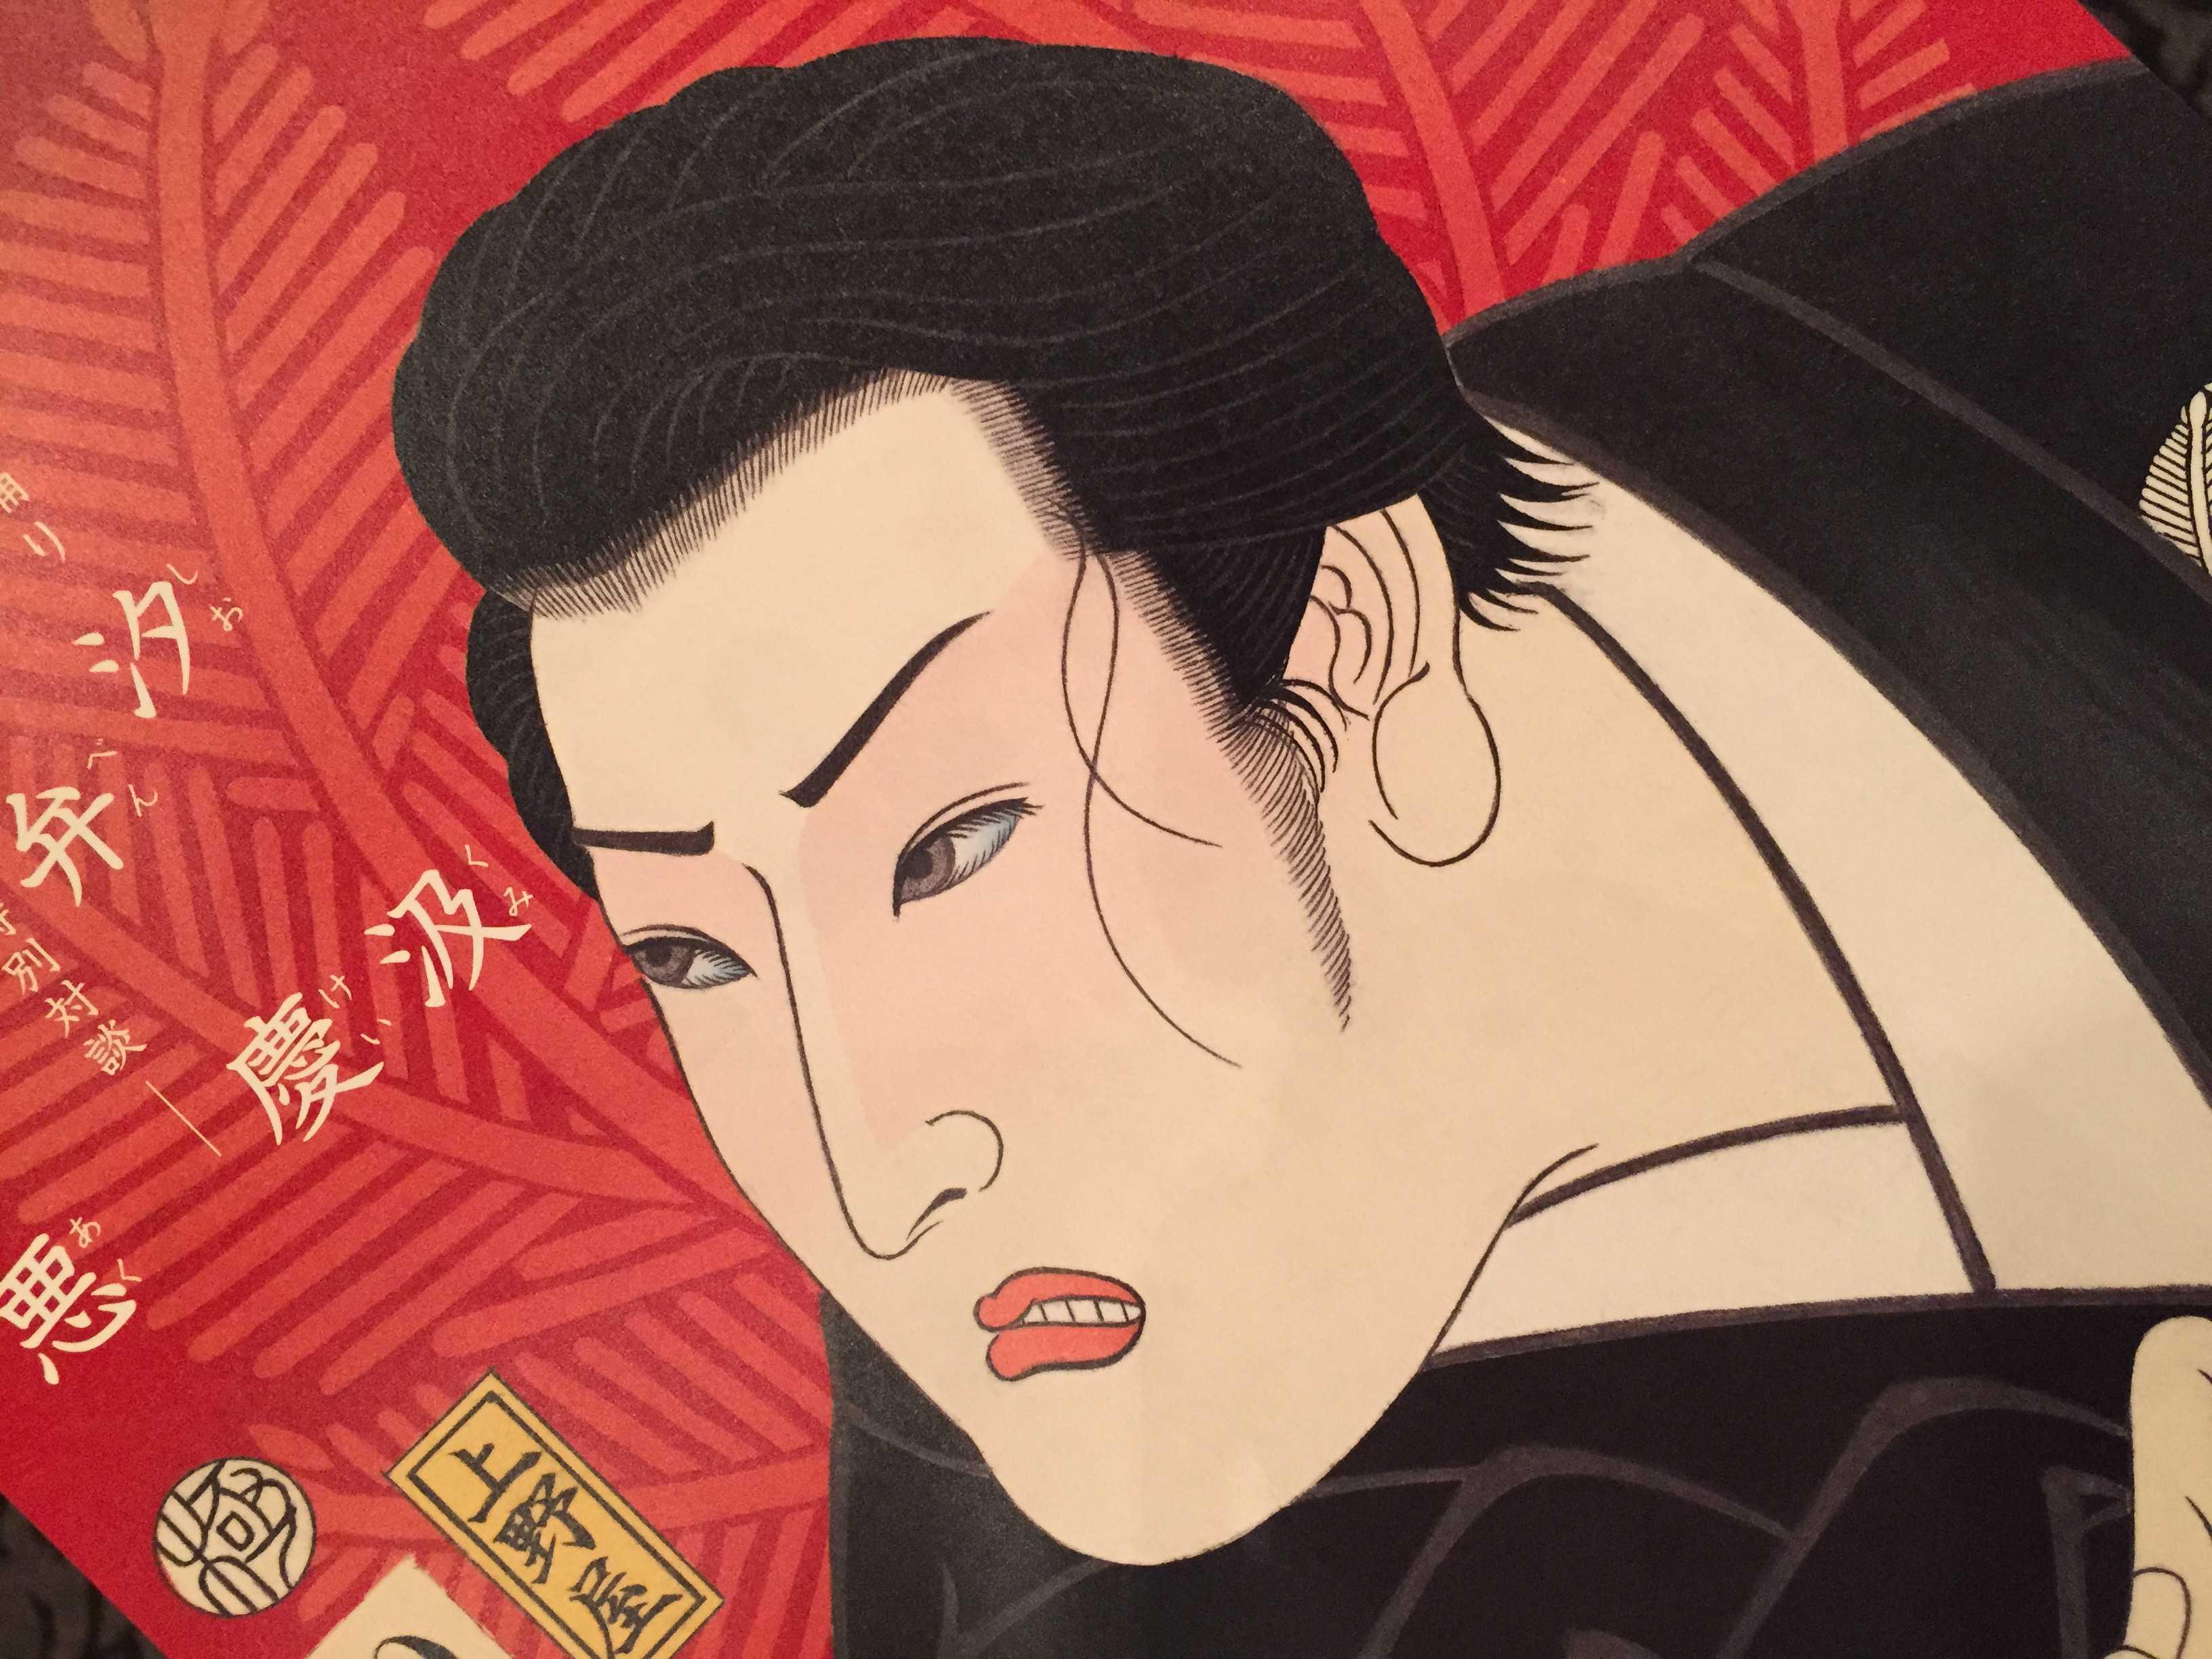 尾上松也 歌舞伎自主公演 「挑む 第八回外伝」